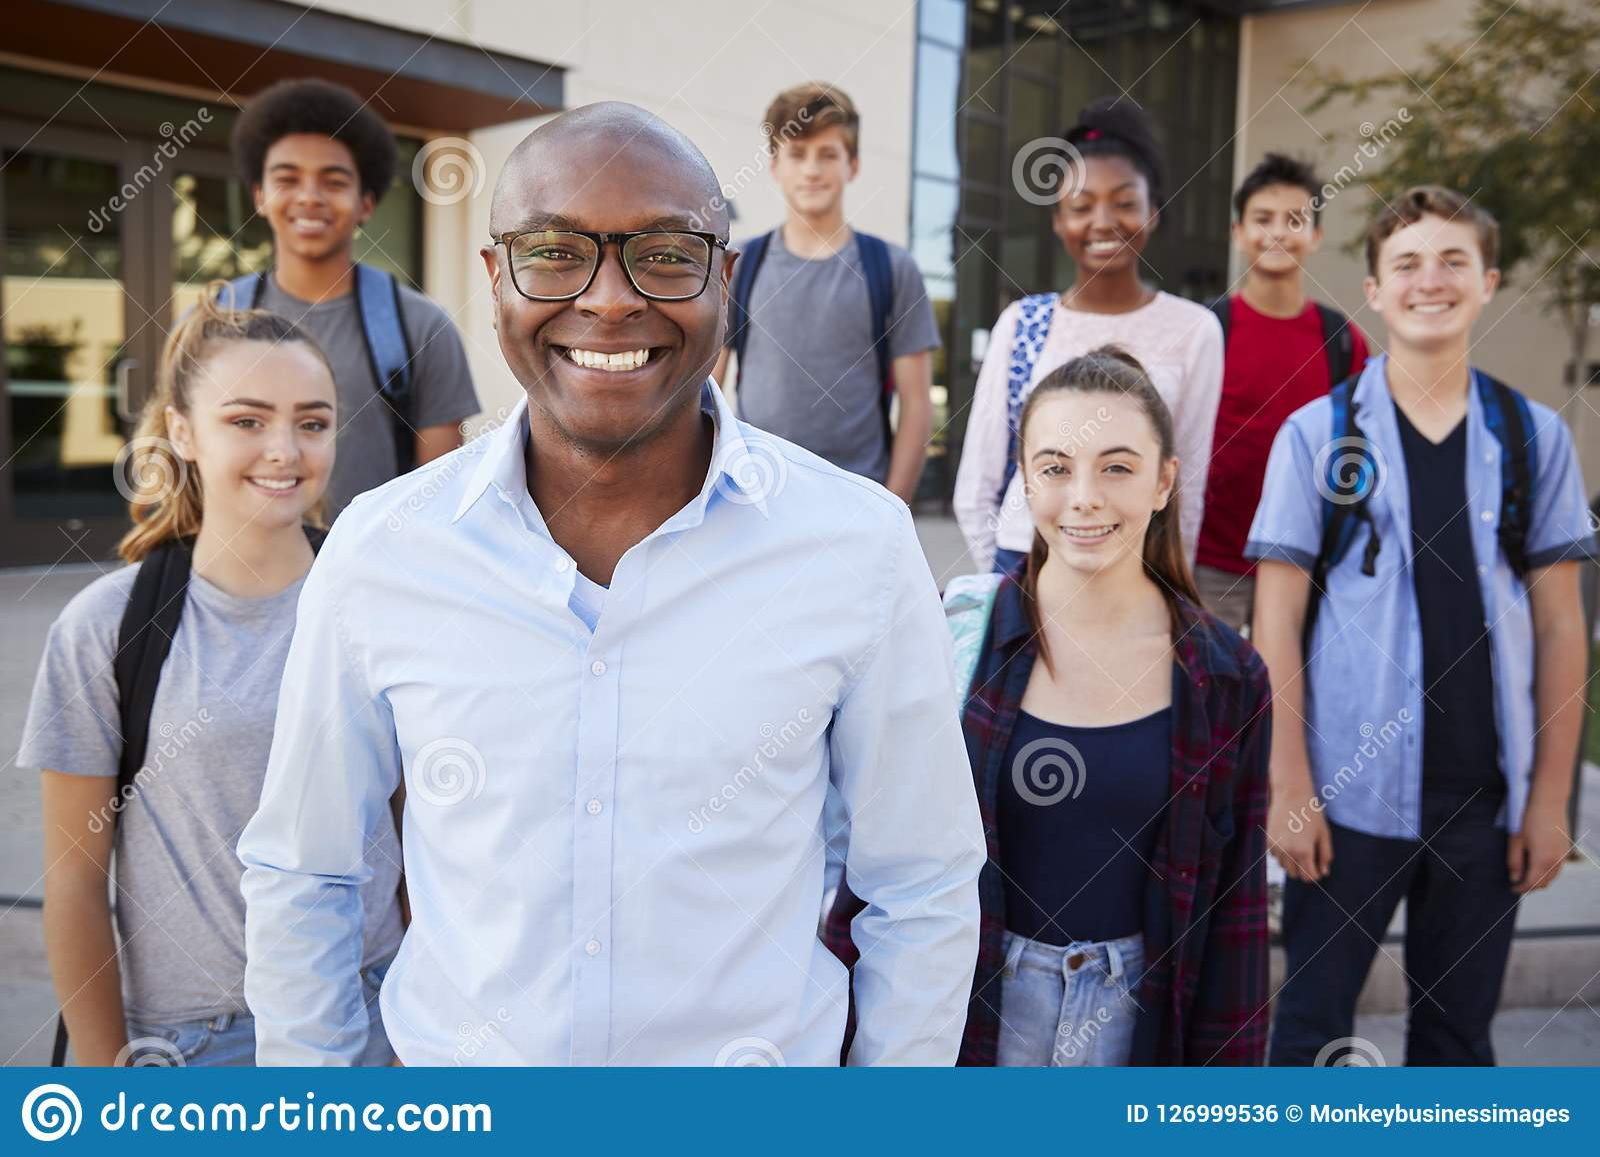 Retrato de los estudiantes de la High School secundaria con el profesor Outside College Buildings